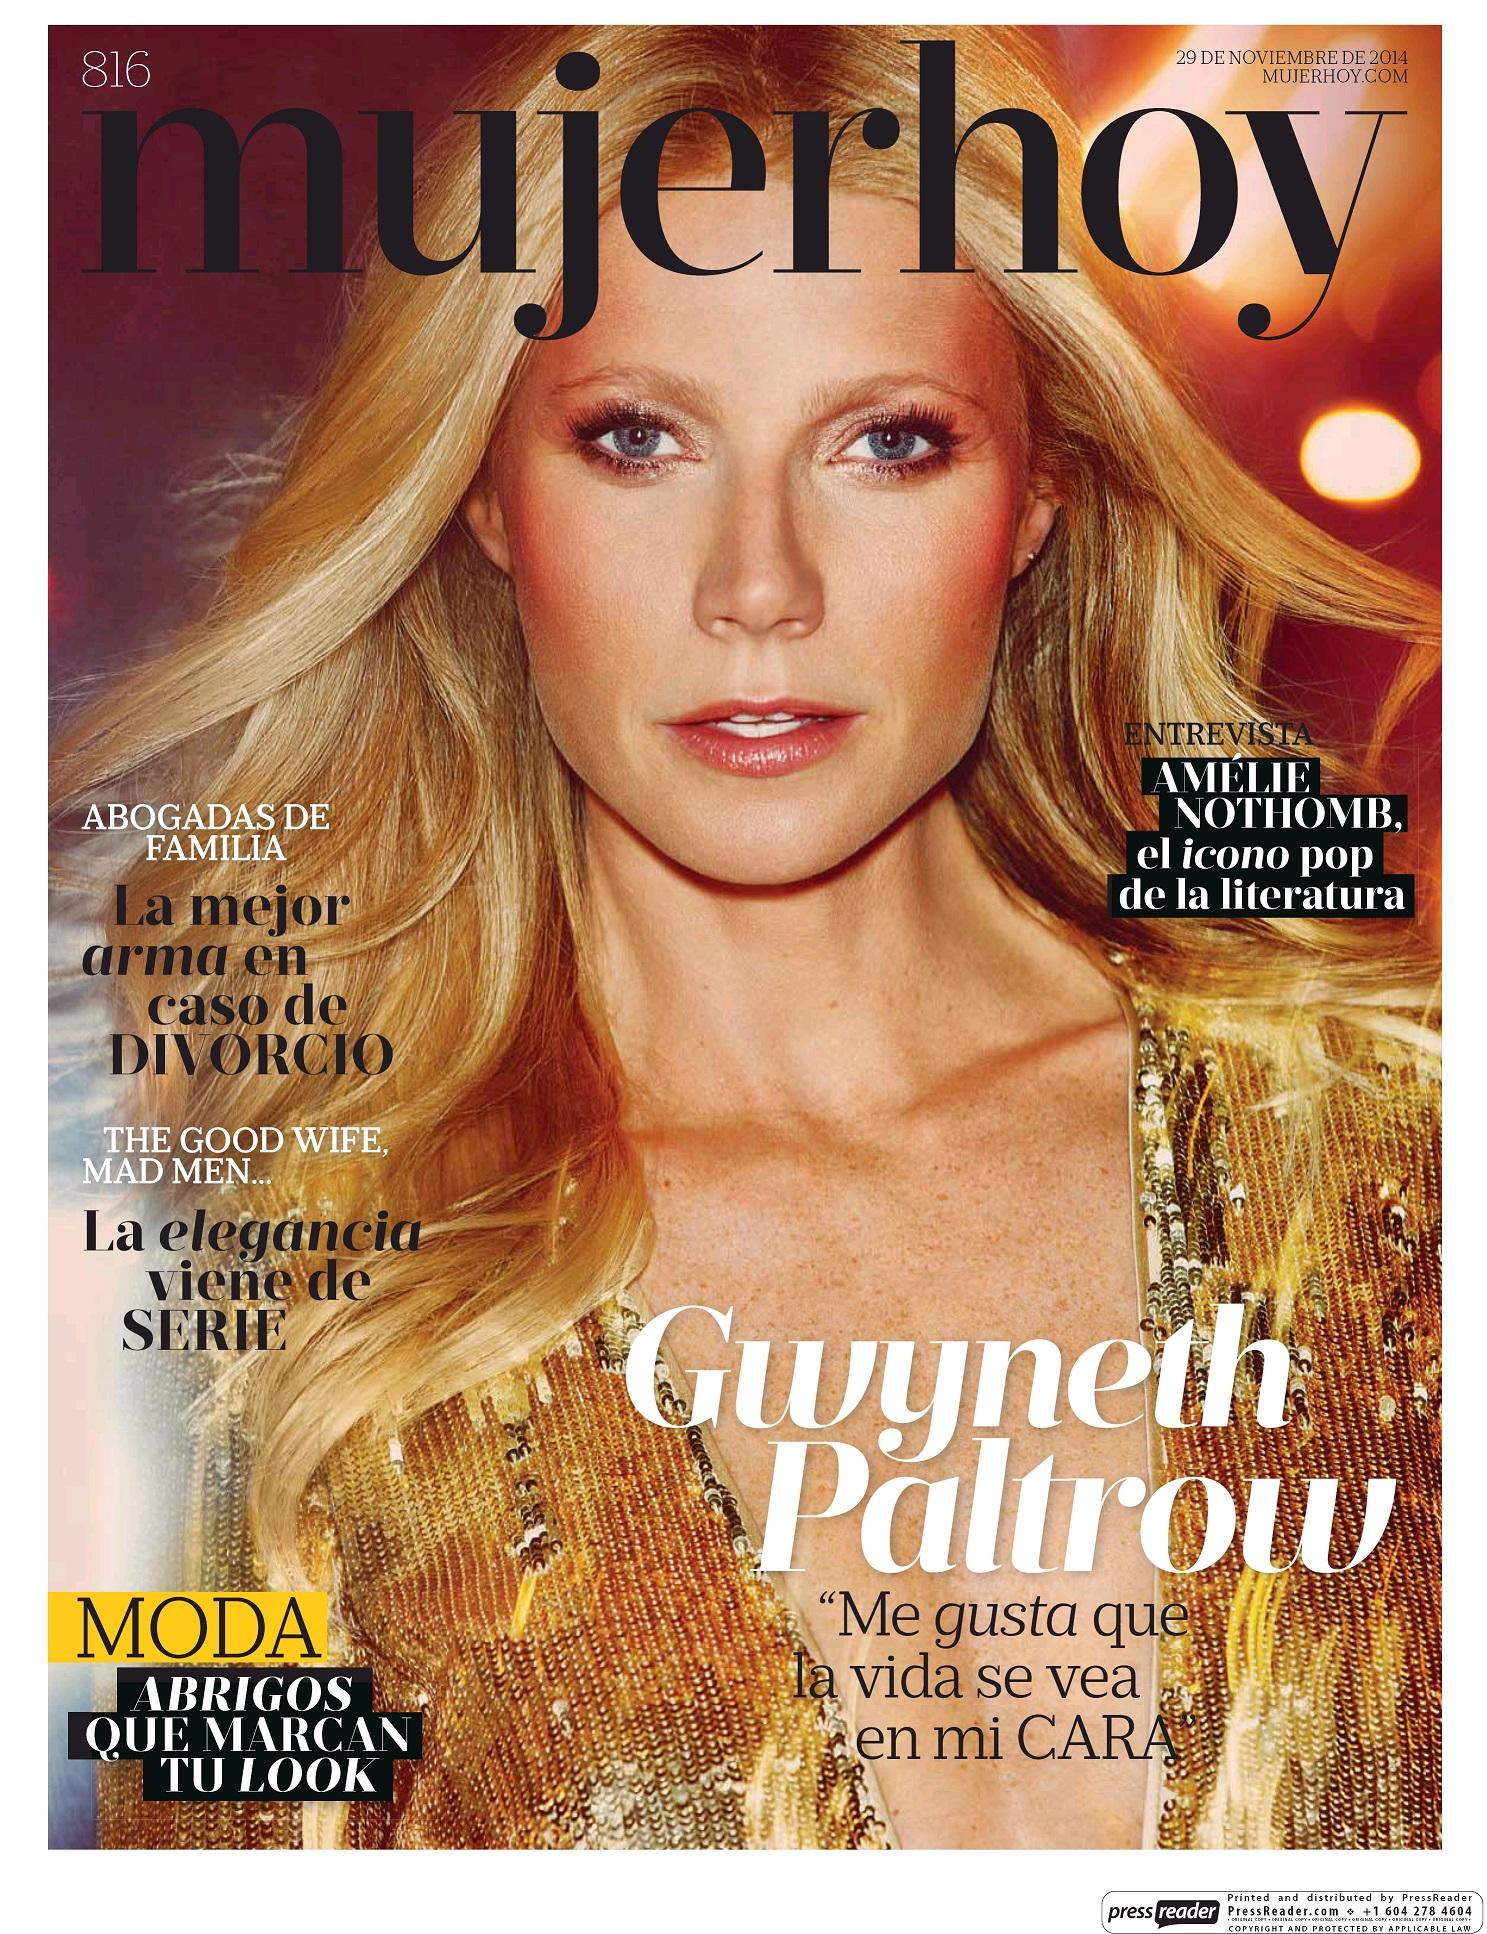 MUJER HOY portada 30 de Noviembre 2014